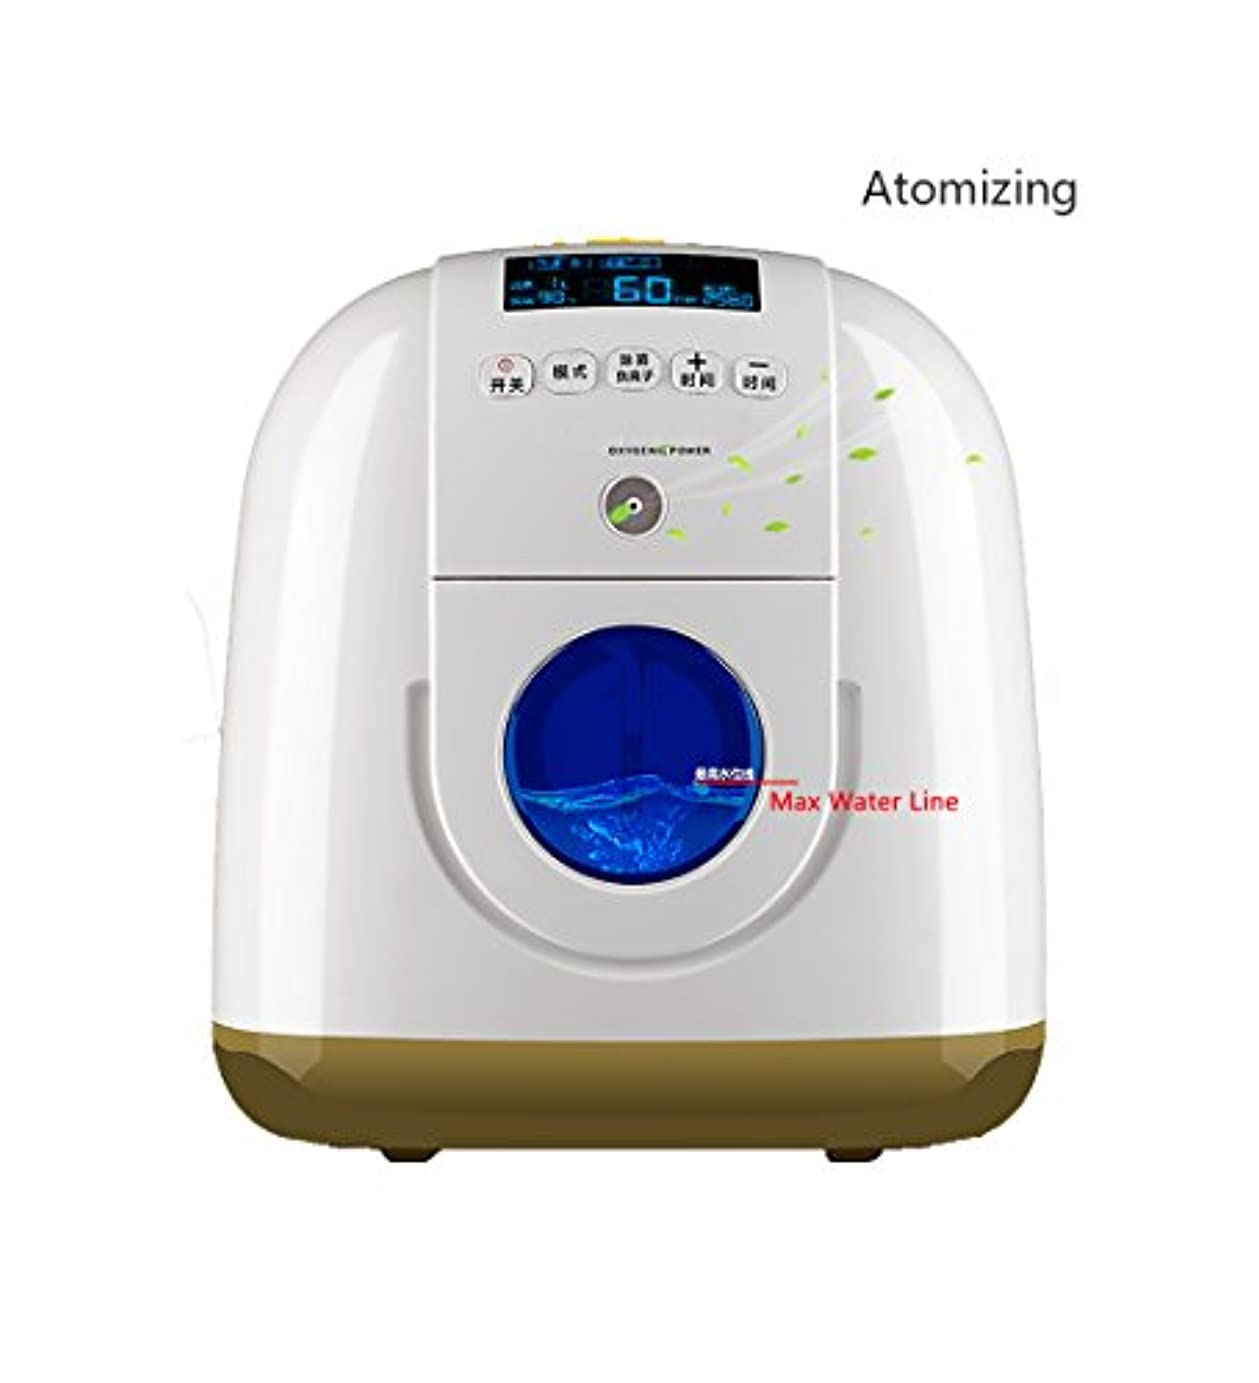 詩人ポーズ廃止する酸素マシン 酸素コンセントレータ - ポータブル酸素コンセントレータジェネレータホーム酸素マシン空気清浄機出力1-5L /分調整可能な複数のフィルタリング - 3色使用可能 (色 : A-Gold)